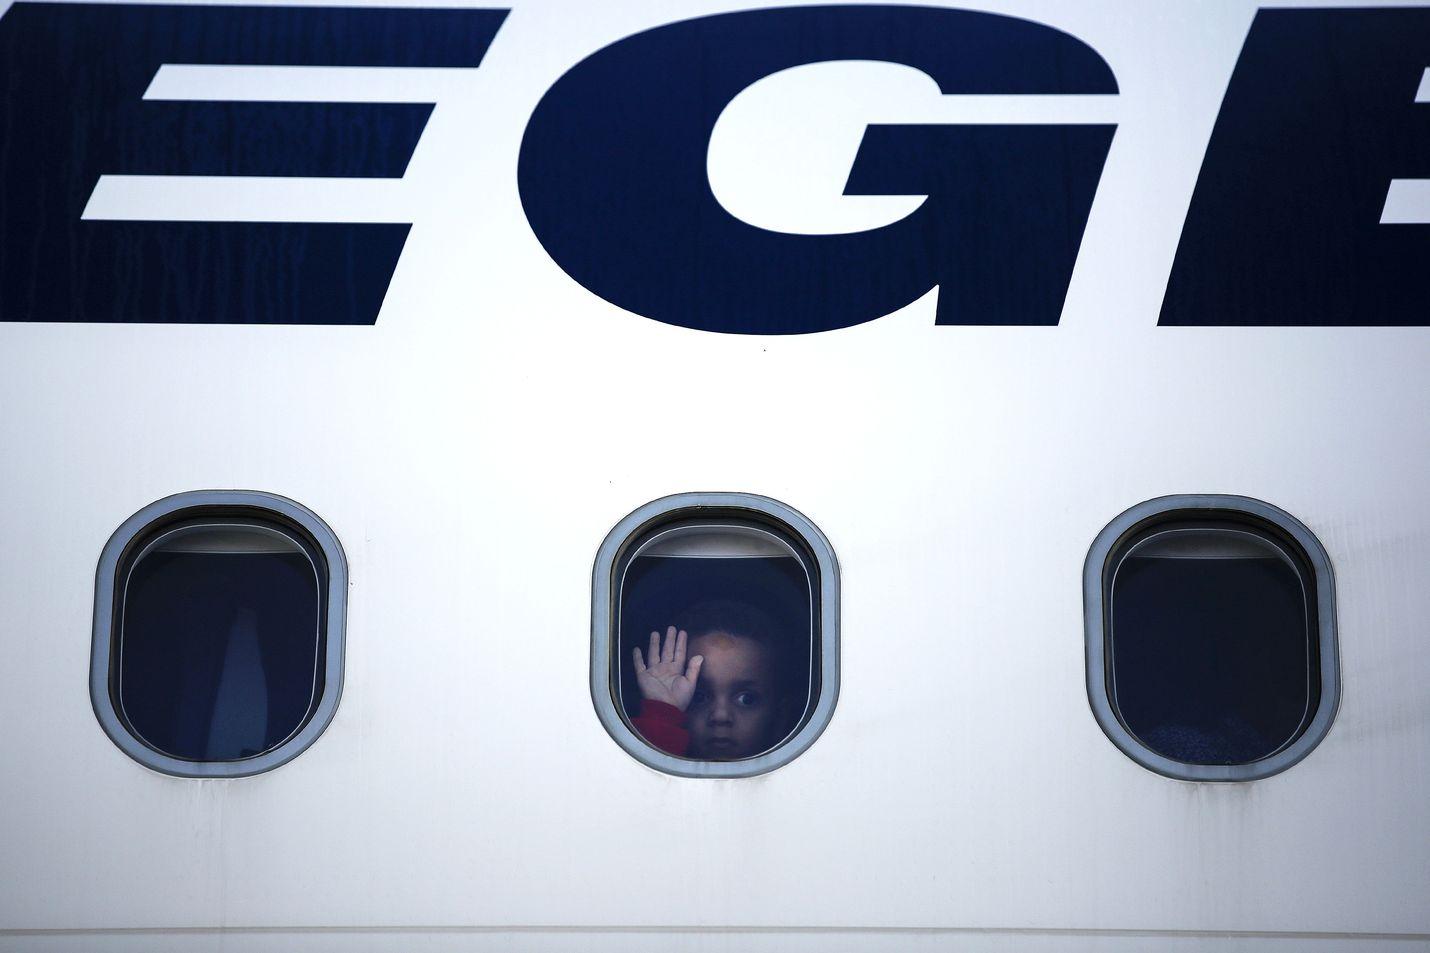 Alaikäisiä turvapaikanhakijoita siirretään Kreikasta parhaillaan eri puolille Eurooppaa. Kuvan lento lähti Saksaan lokakuun puolivälissä.